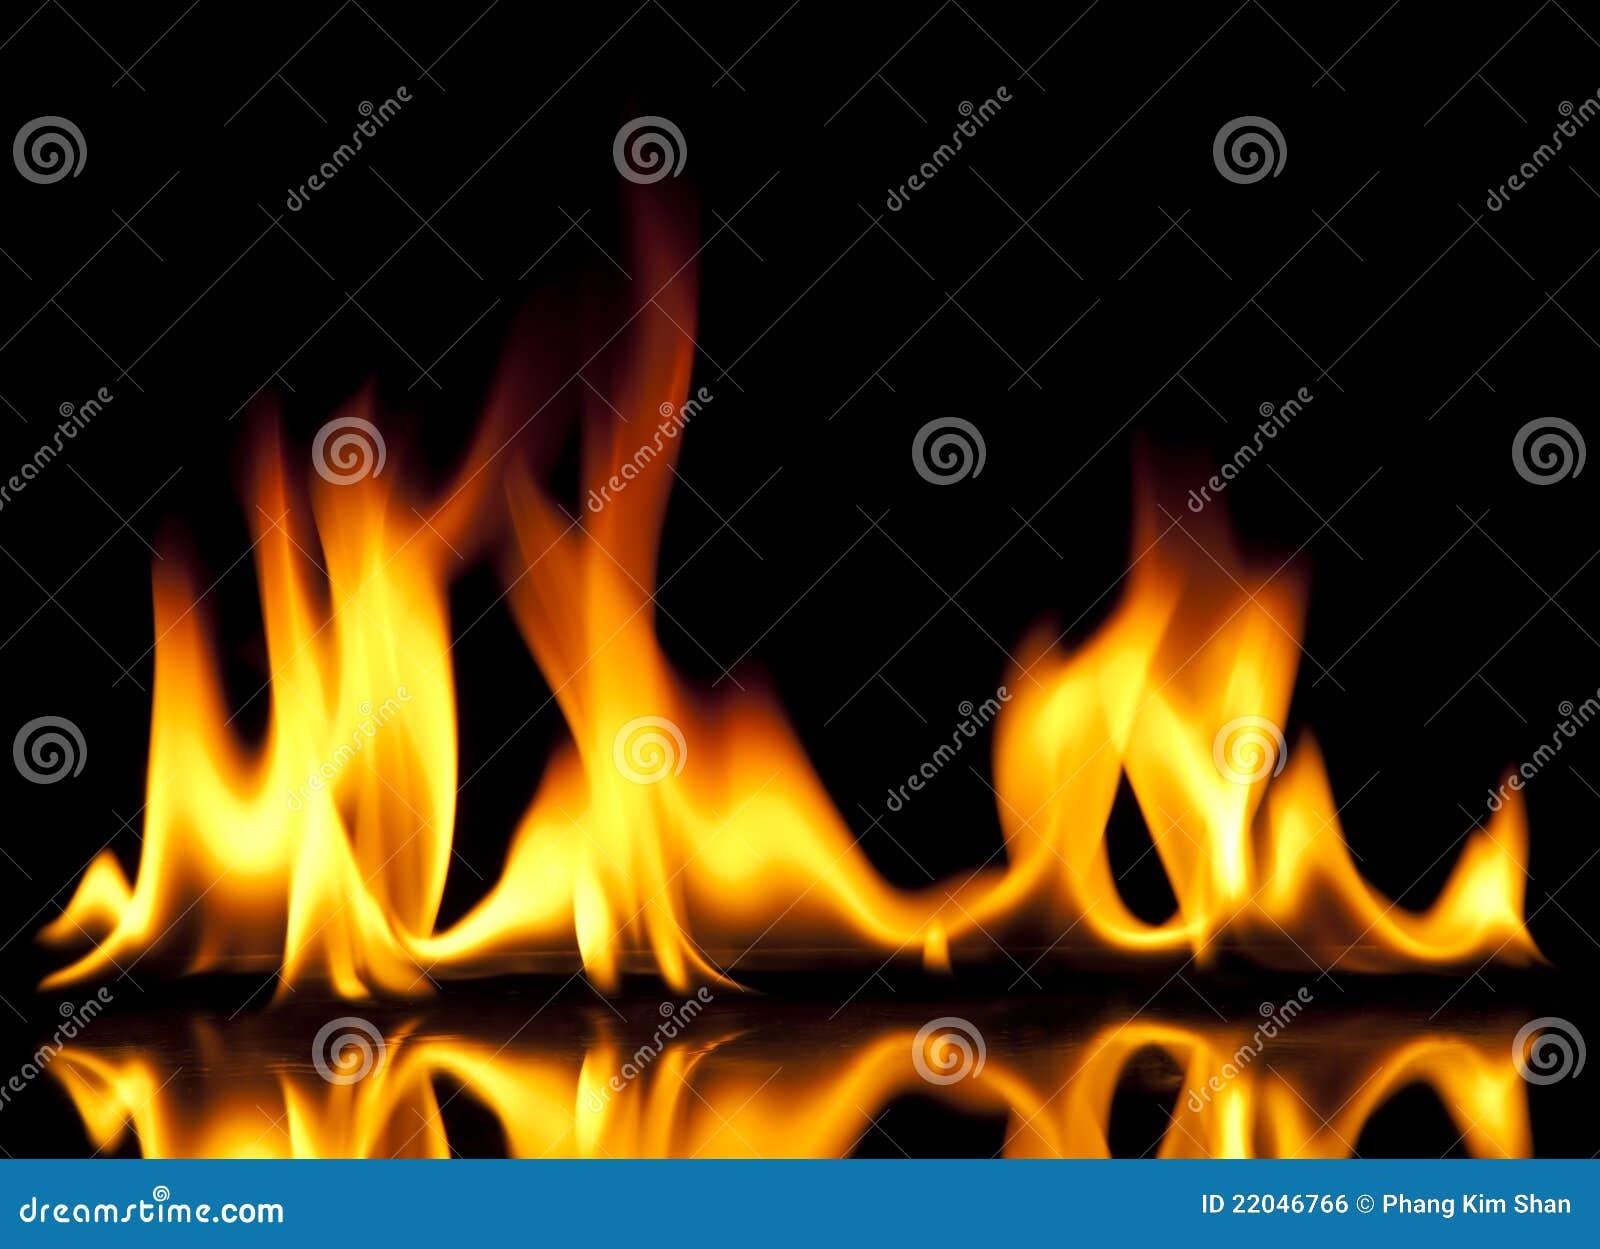 пожар горячий